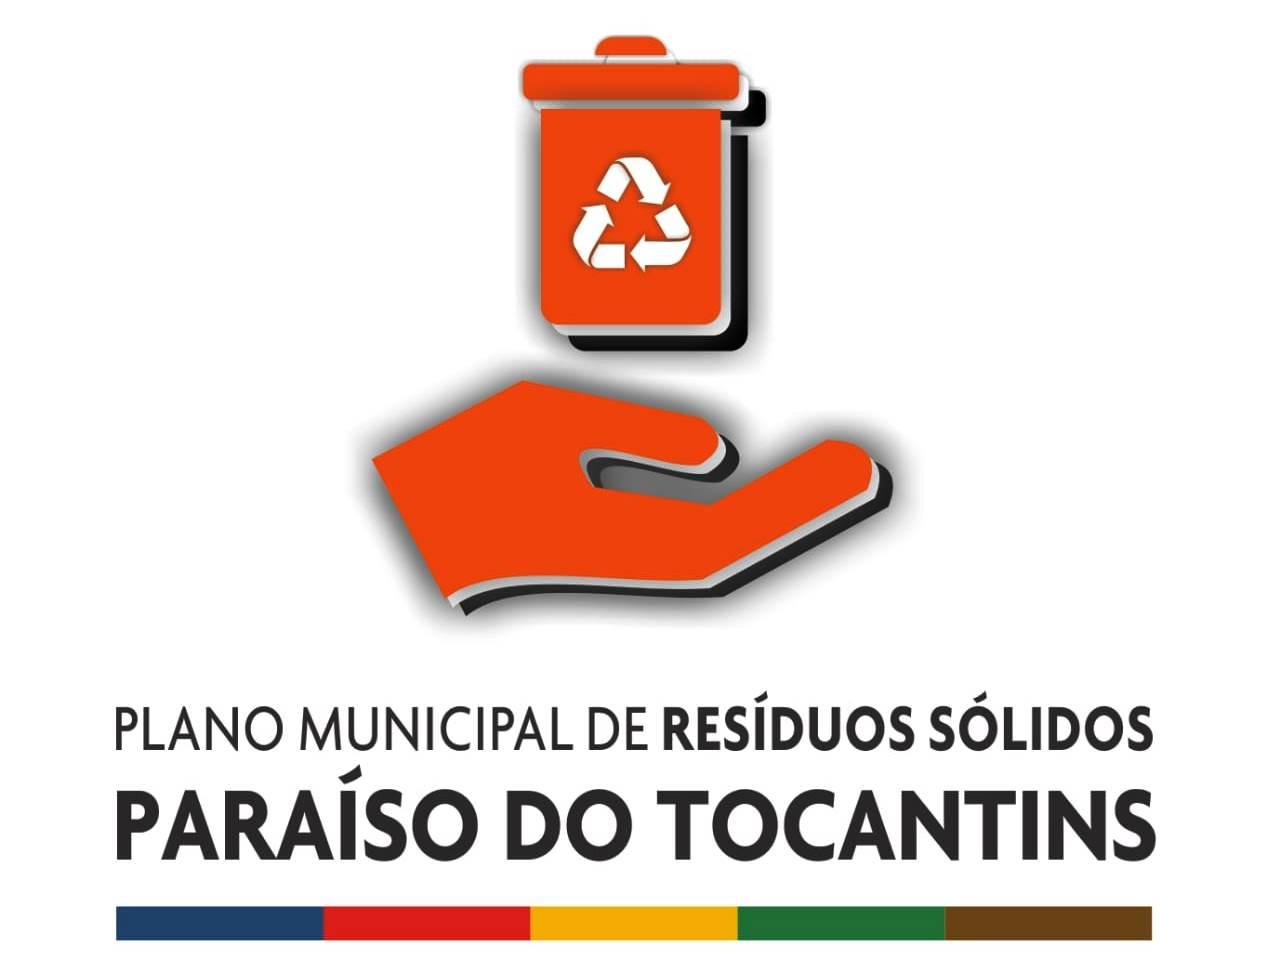 Audiência Pública Plano de Resíduos Sólidos de Paraíso do Tocantins acontece no Auditório da ACIP